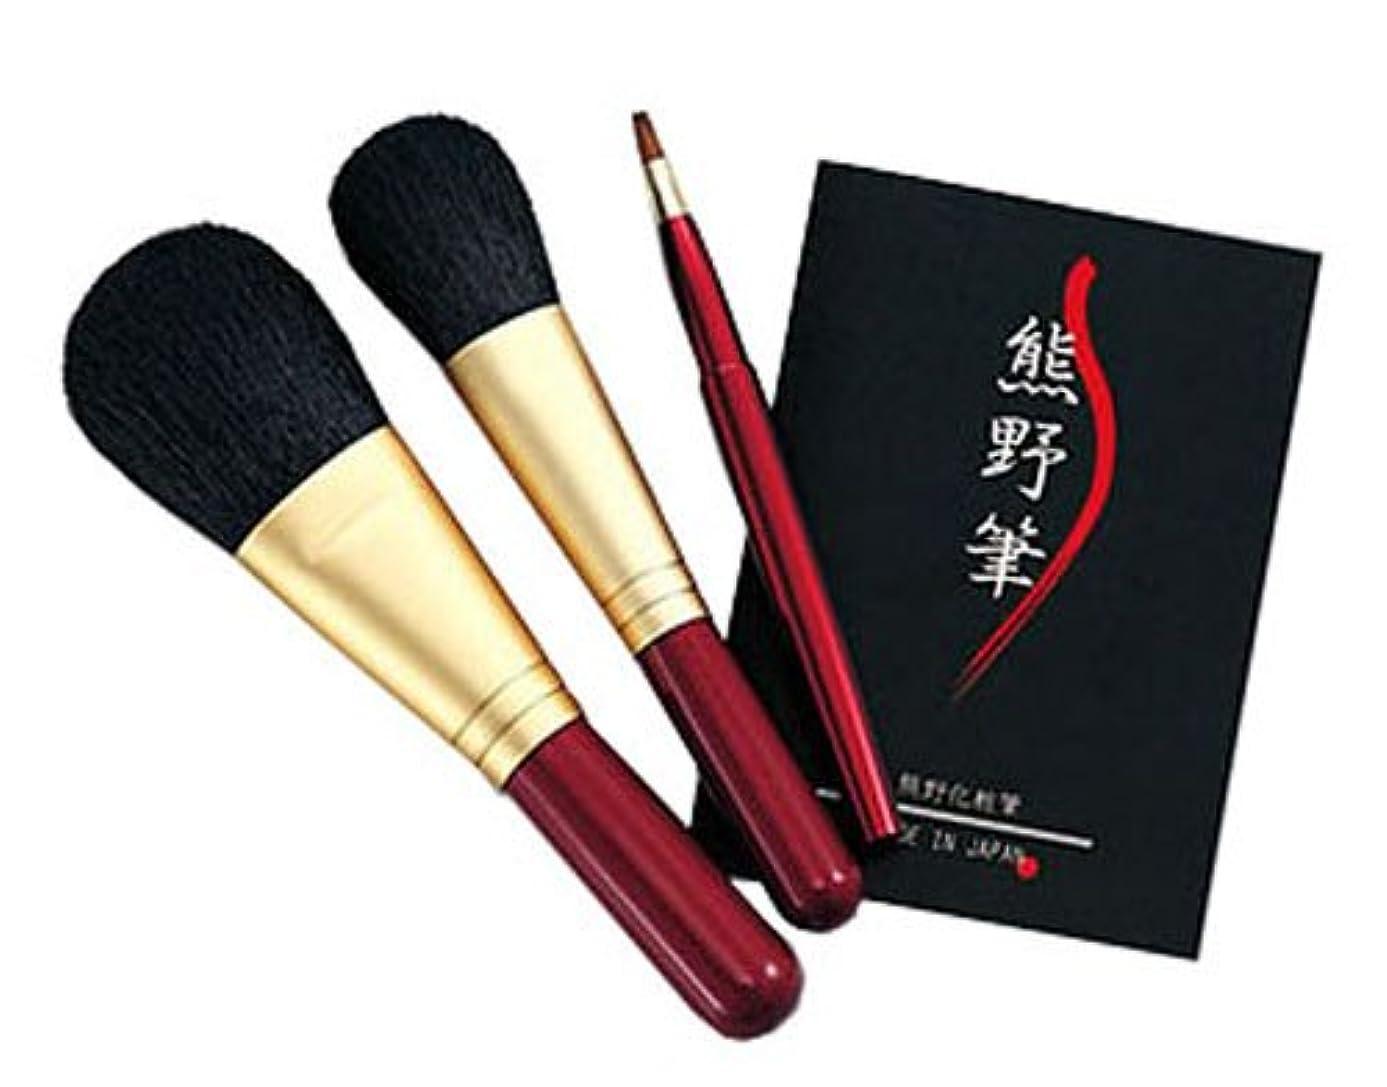 従来の驚くべき説明的熊野筆 化粧筆セット 筆の心 KFi-80R